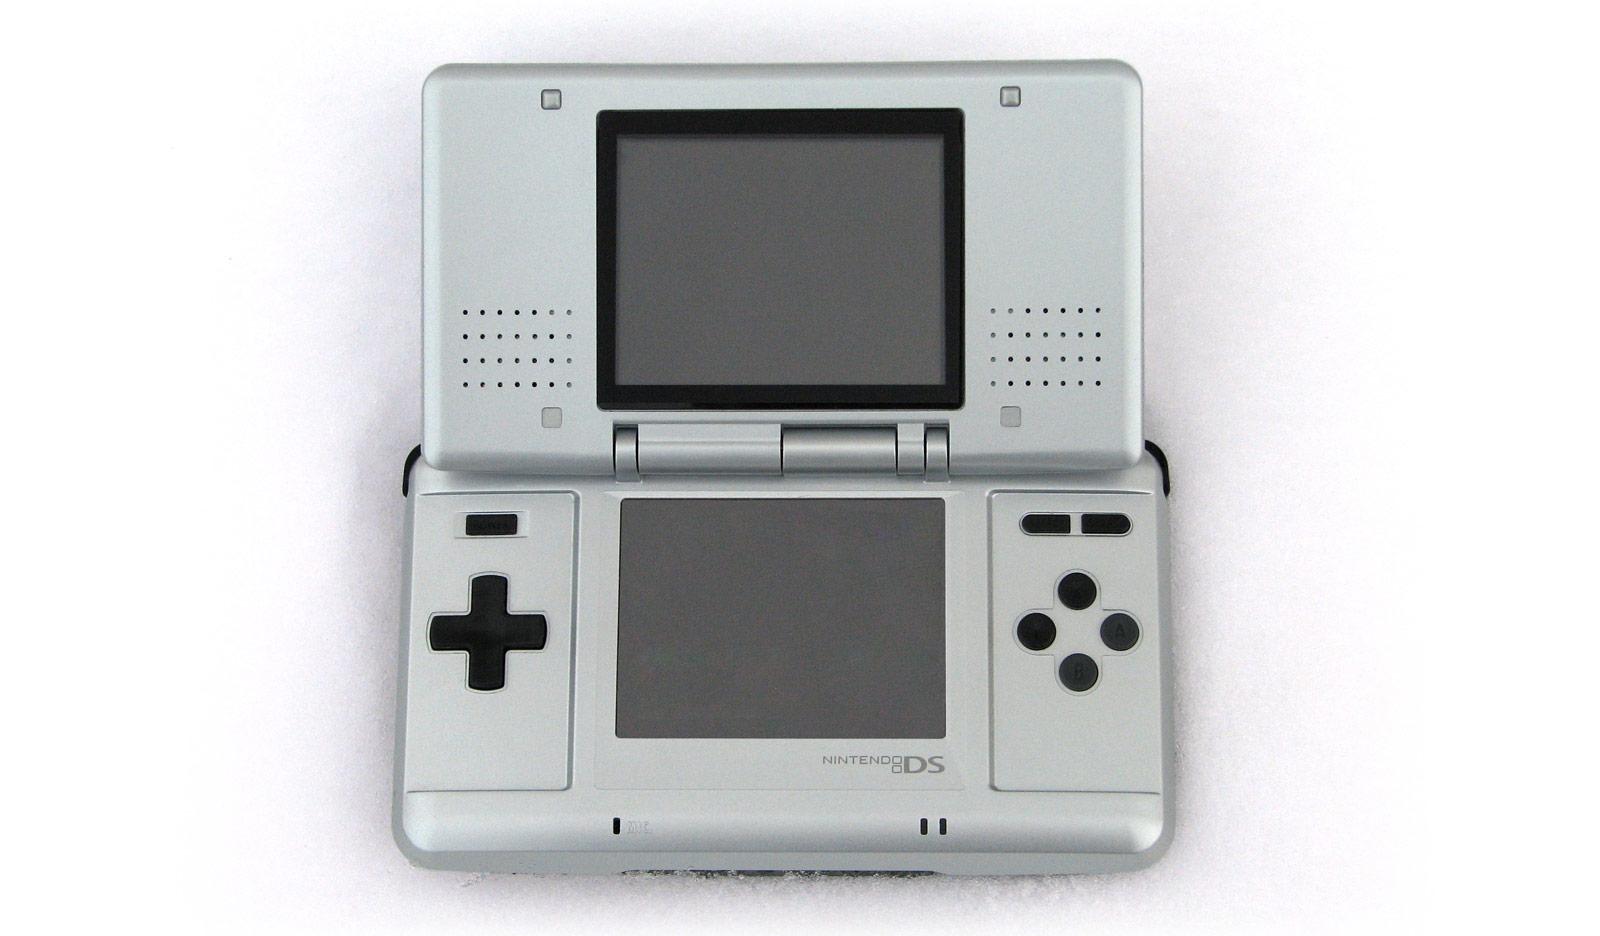 La Nintendo DS, première d'une longue gamme de consoles portables pour Nintendo.